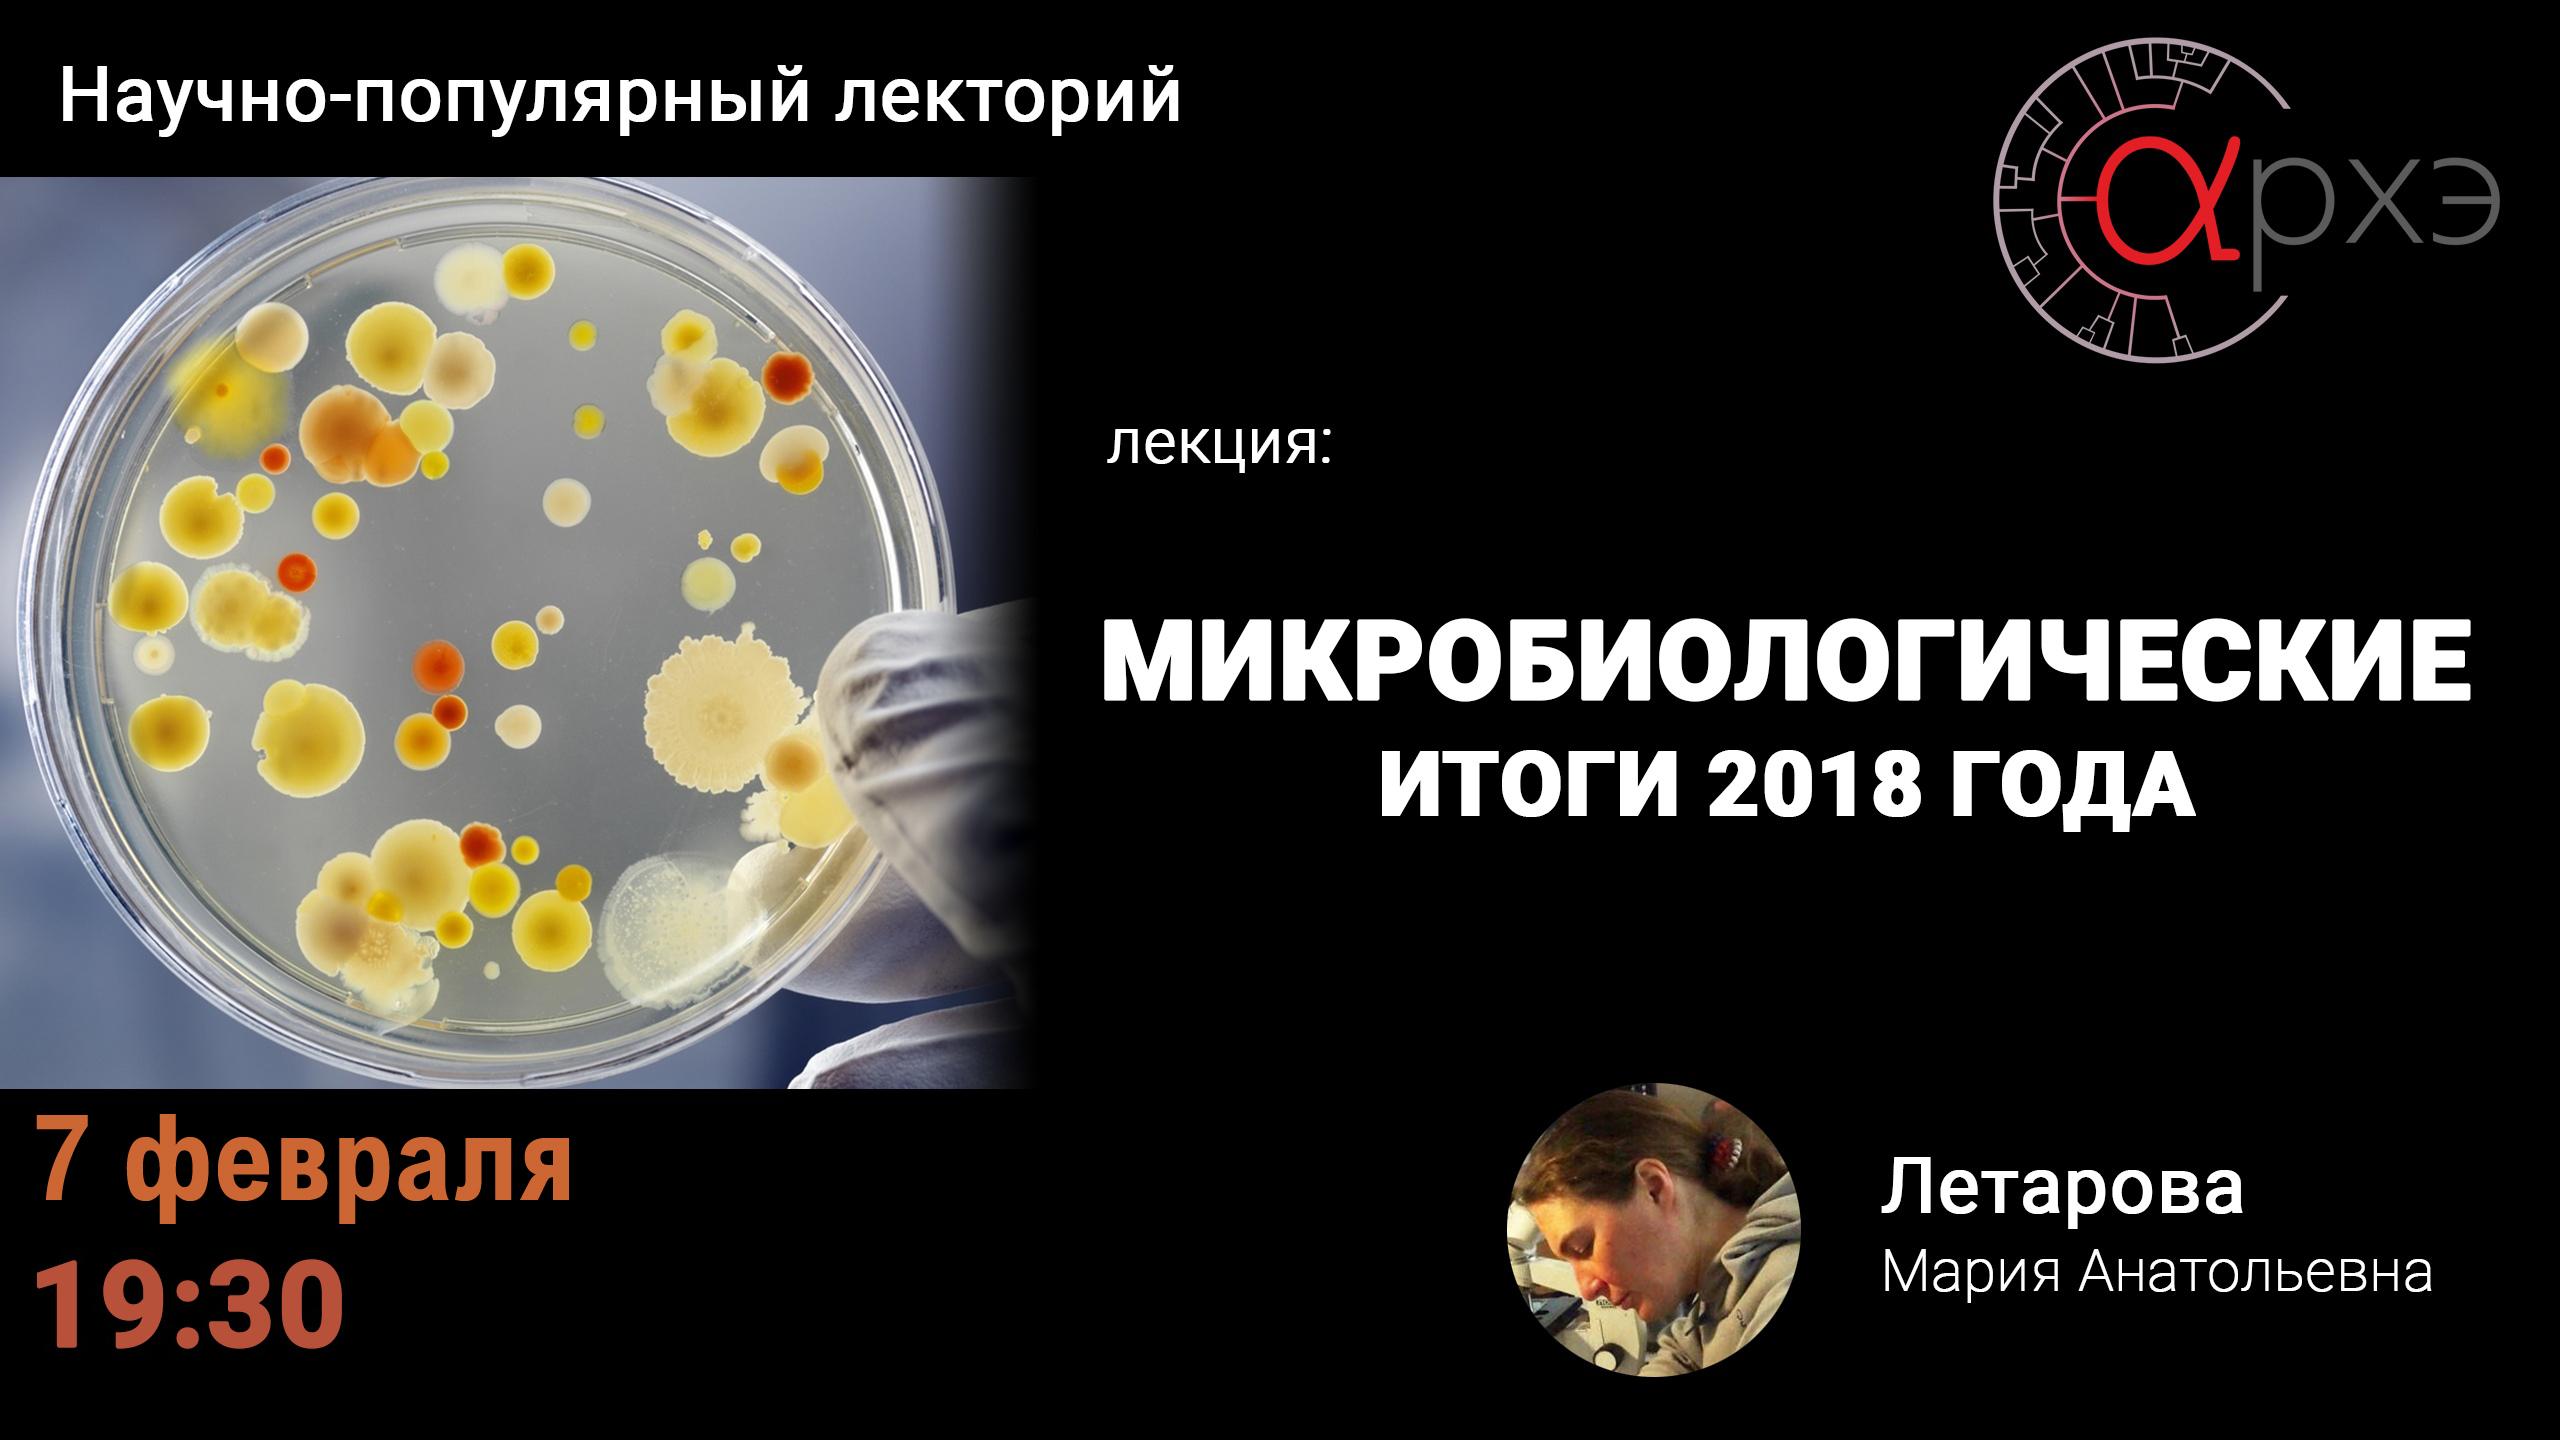 Микробиологические итоги 2018 года.